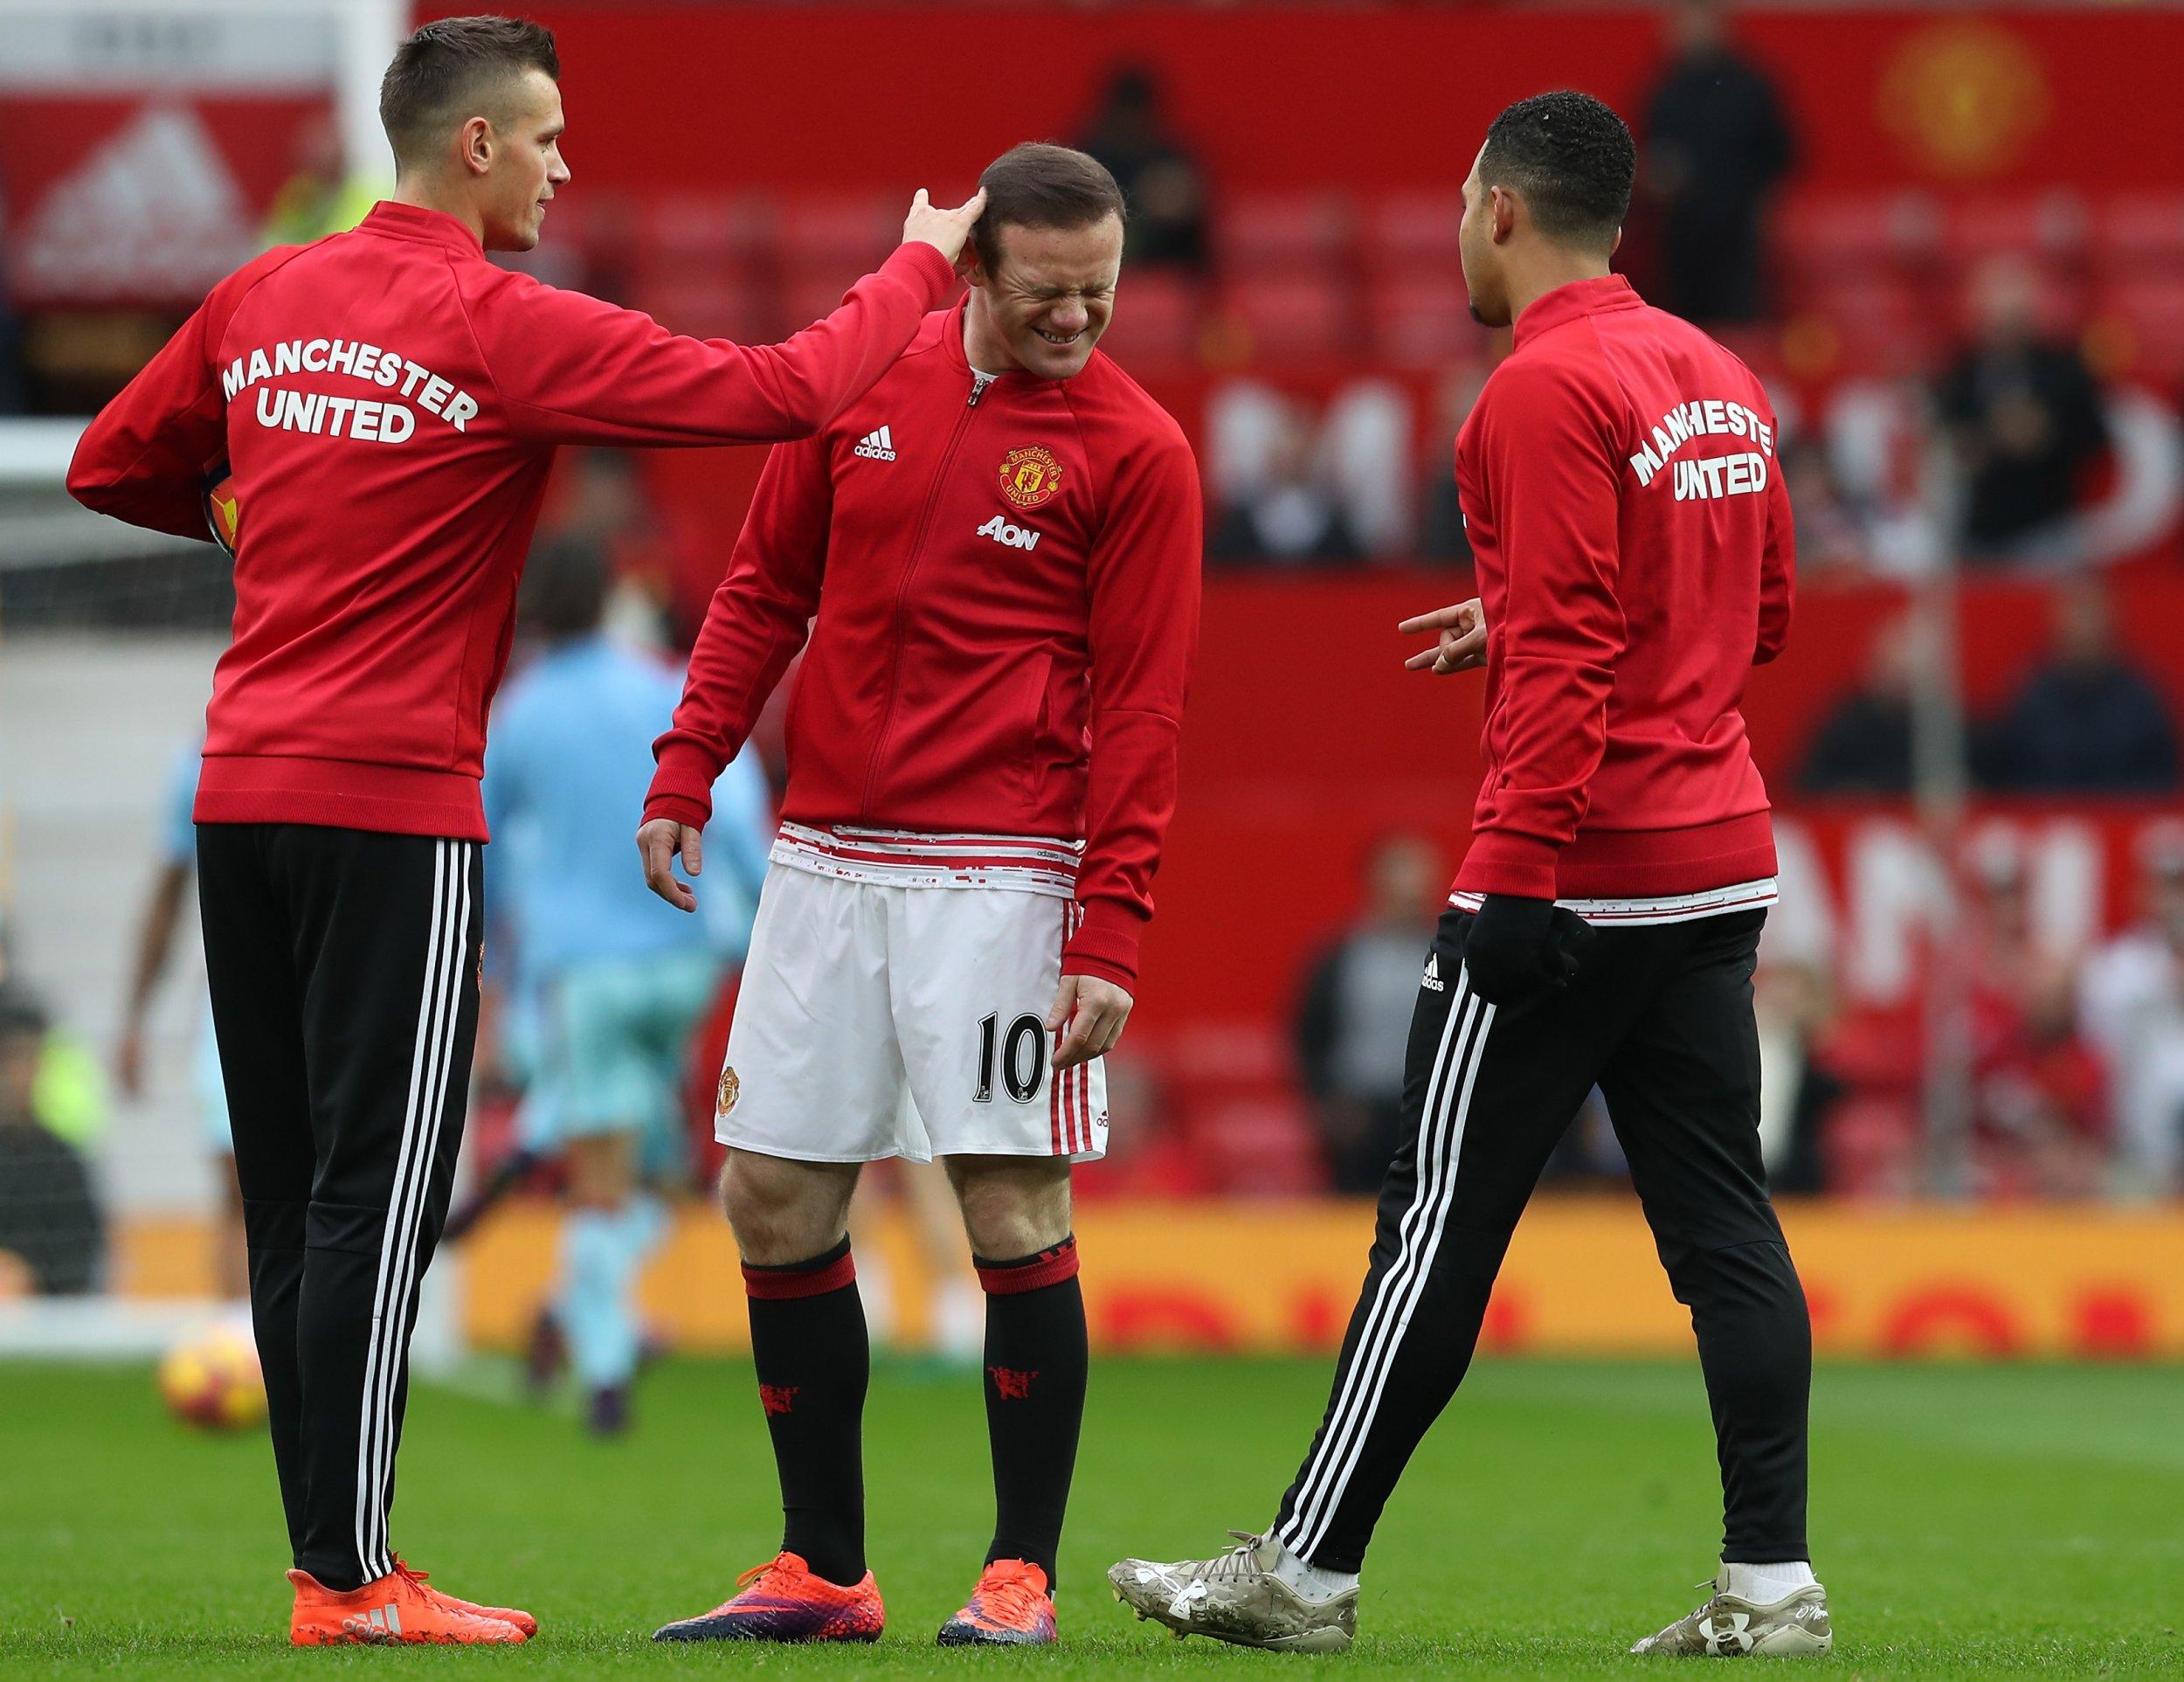 Manchester United midfielder Morgan Schneiderlin, left.